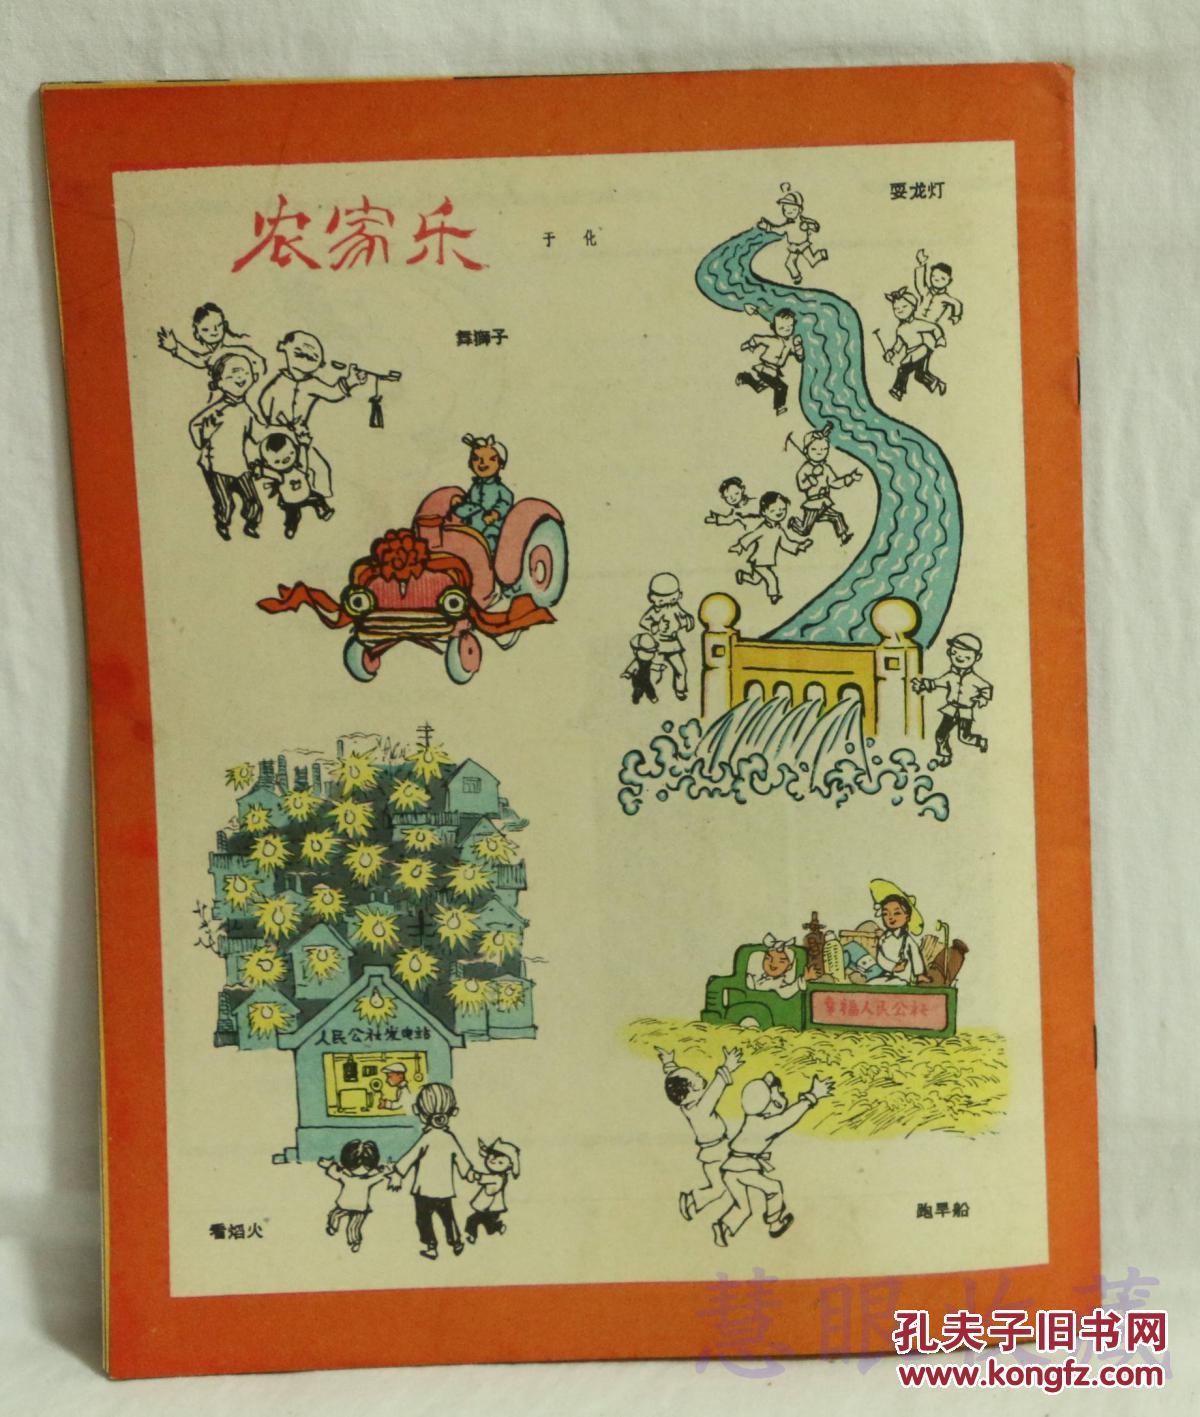 了裂痕 方成 友谊长青 江帆 海南岛上画跃进 甘肃新景 农家乐 于化